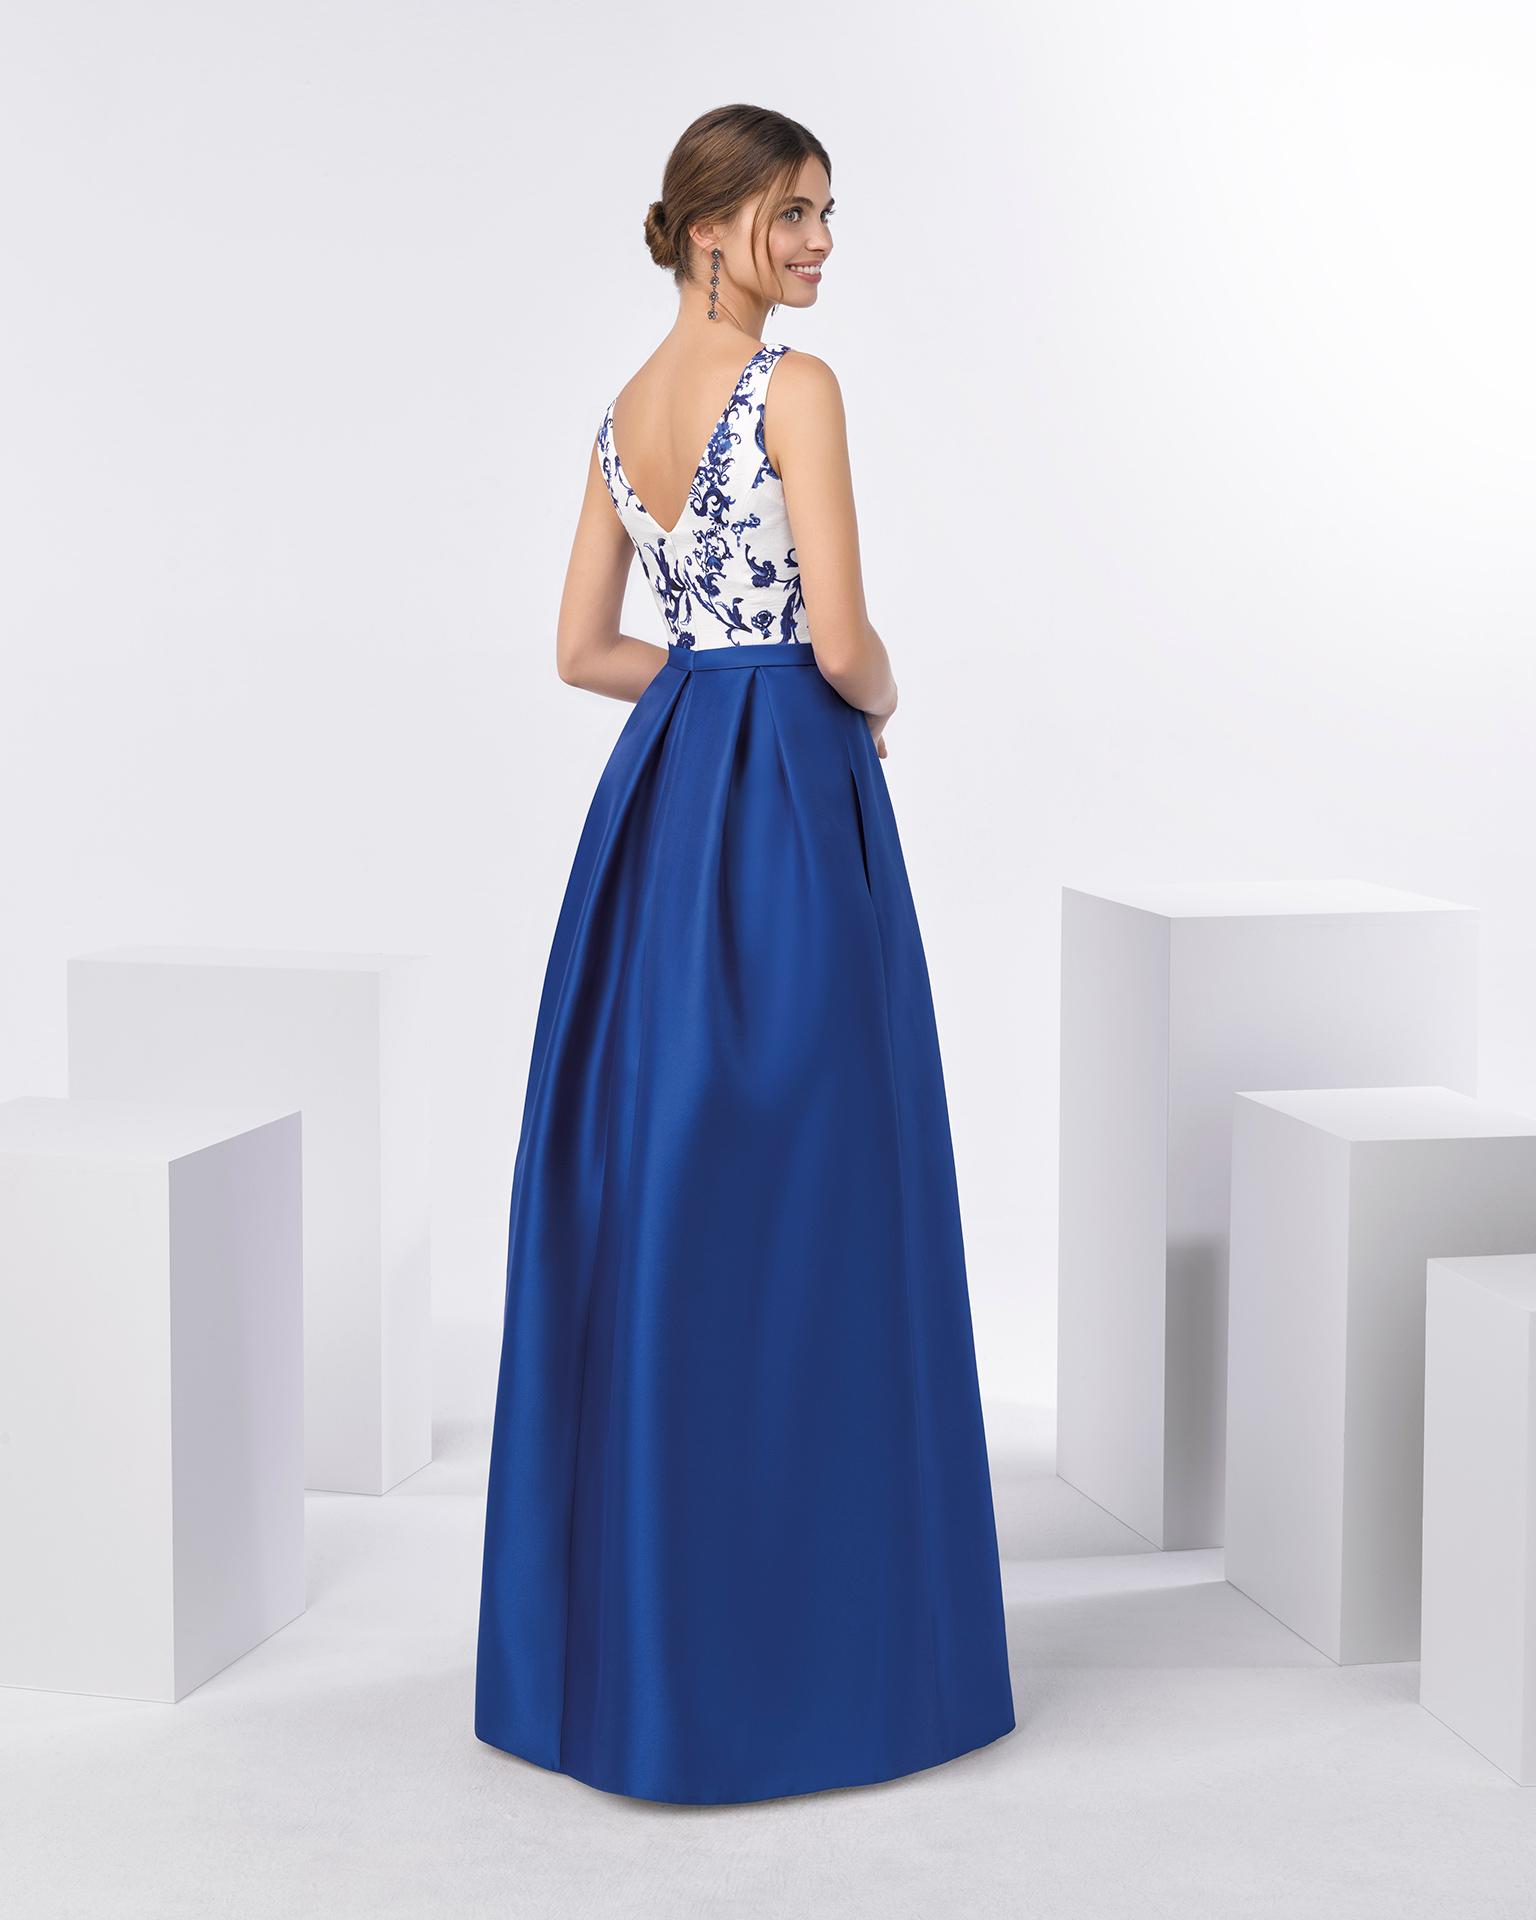 长款鸡尾酒会礼服,配V领锦缎紧身上衣和带口袋的结构感米卡多伞裙。有深蓝色可选。 FIESTA AIRE BARCELONA 新品系列 2018.